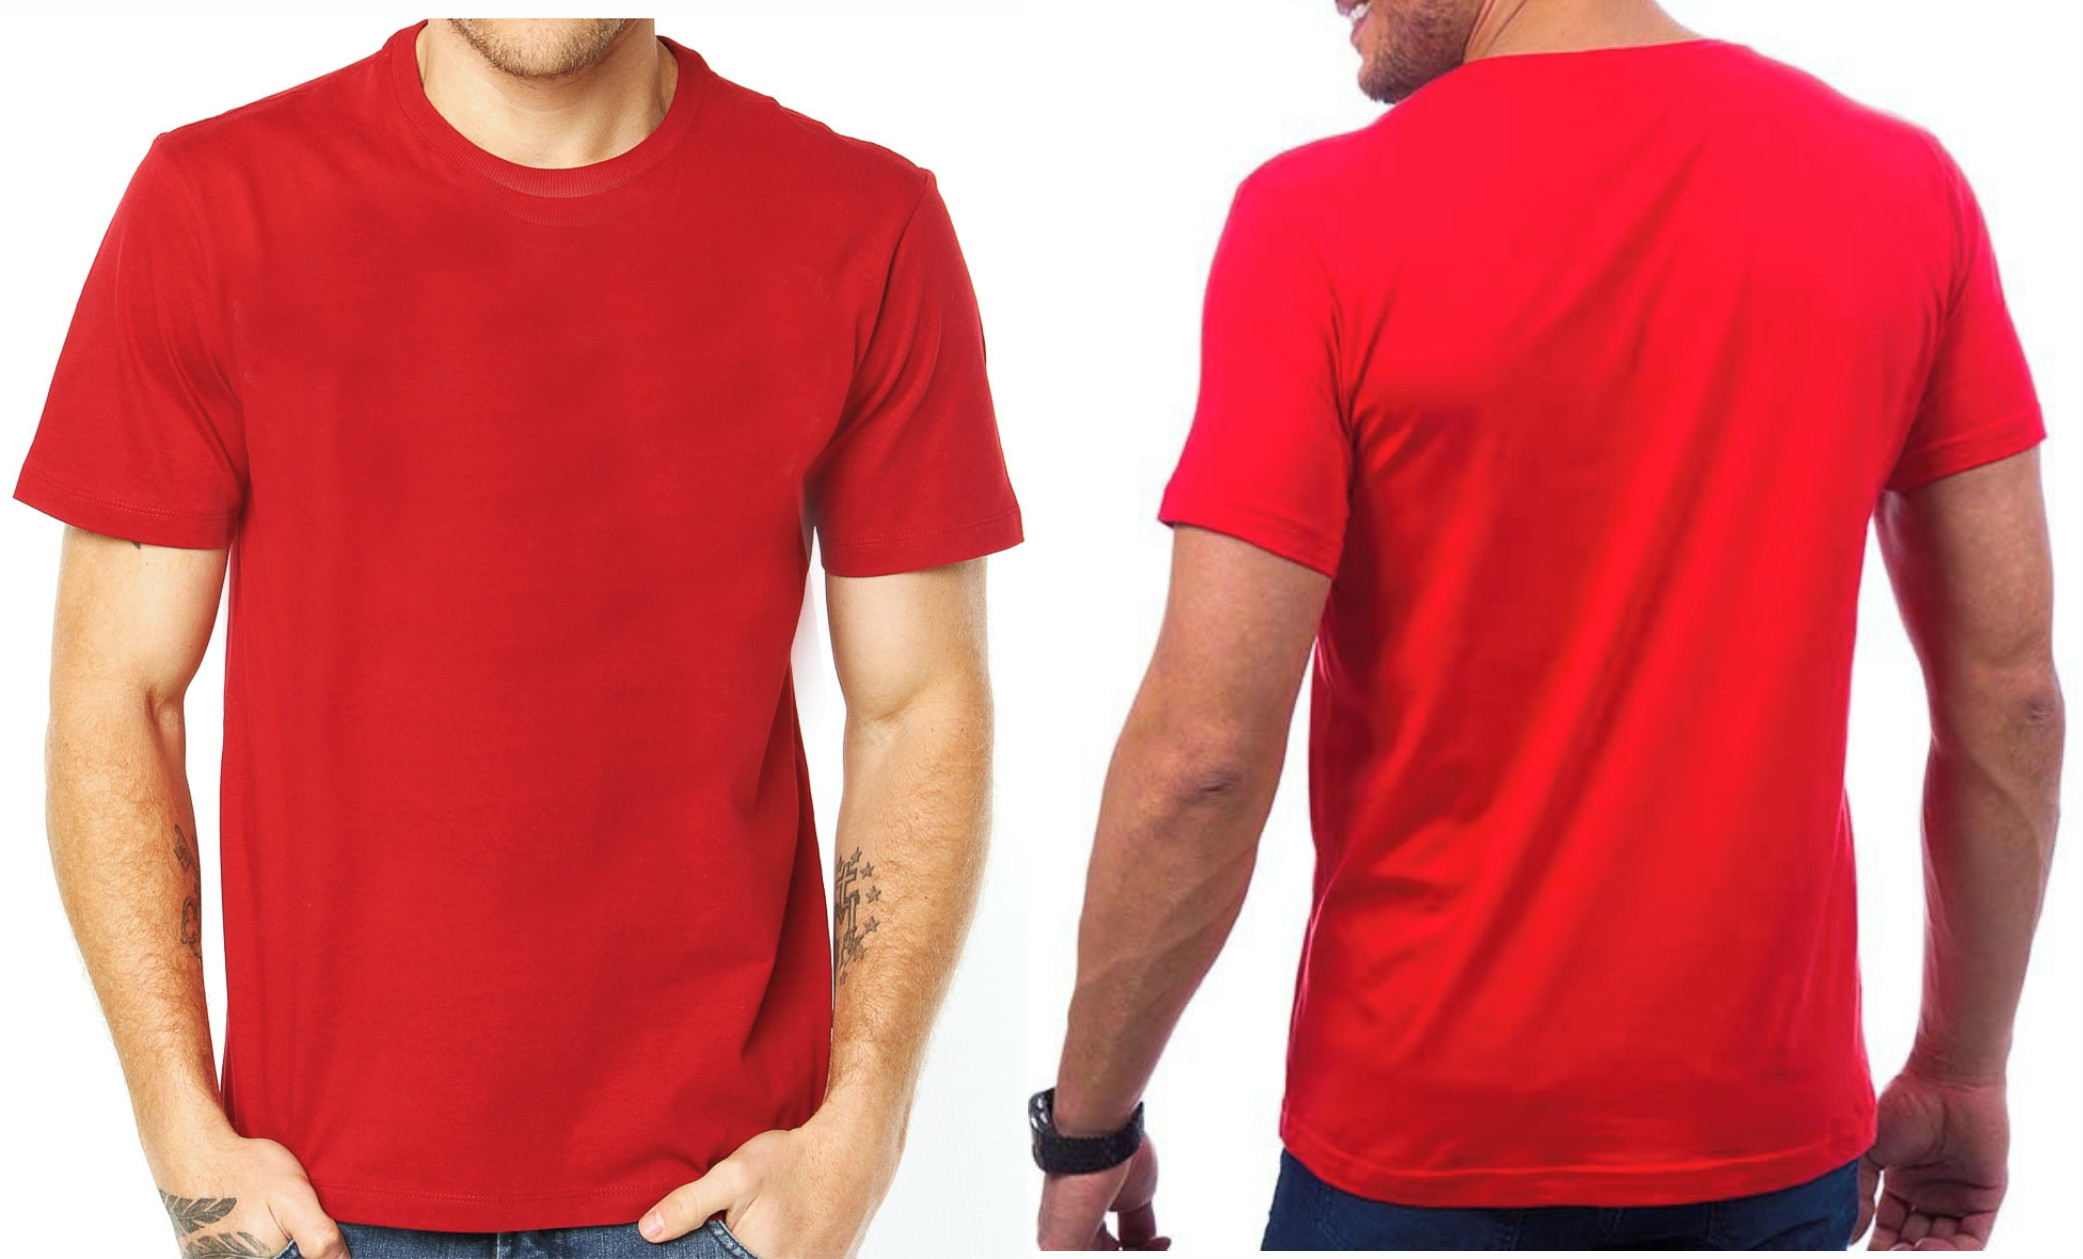 8dea033845 Kit c 10 Camisetas Atacado Lisa 100% Algodão - Branca no Elo7 ...